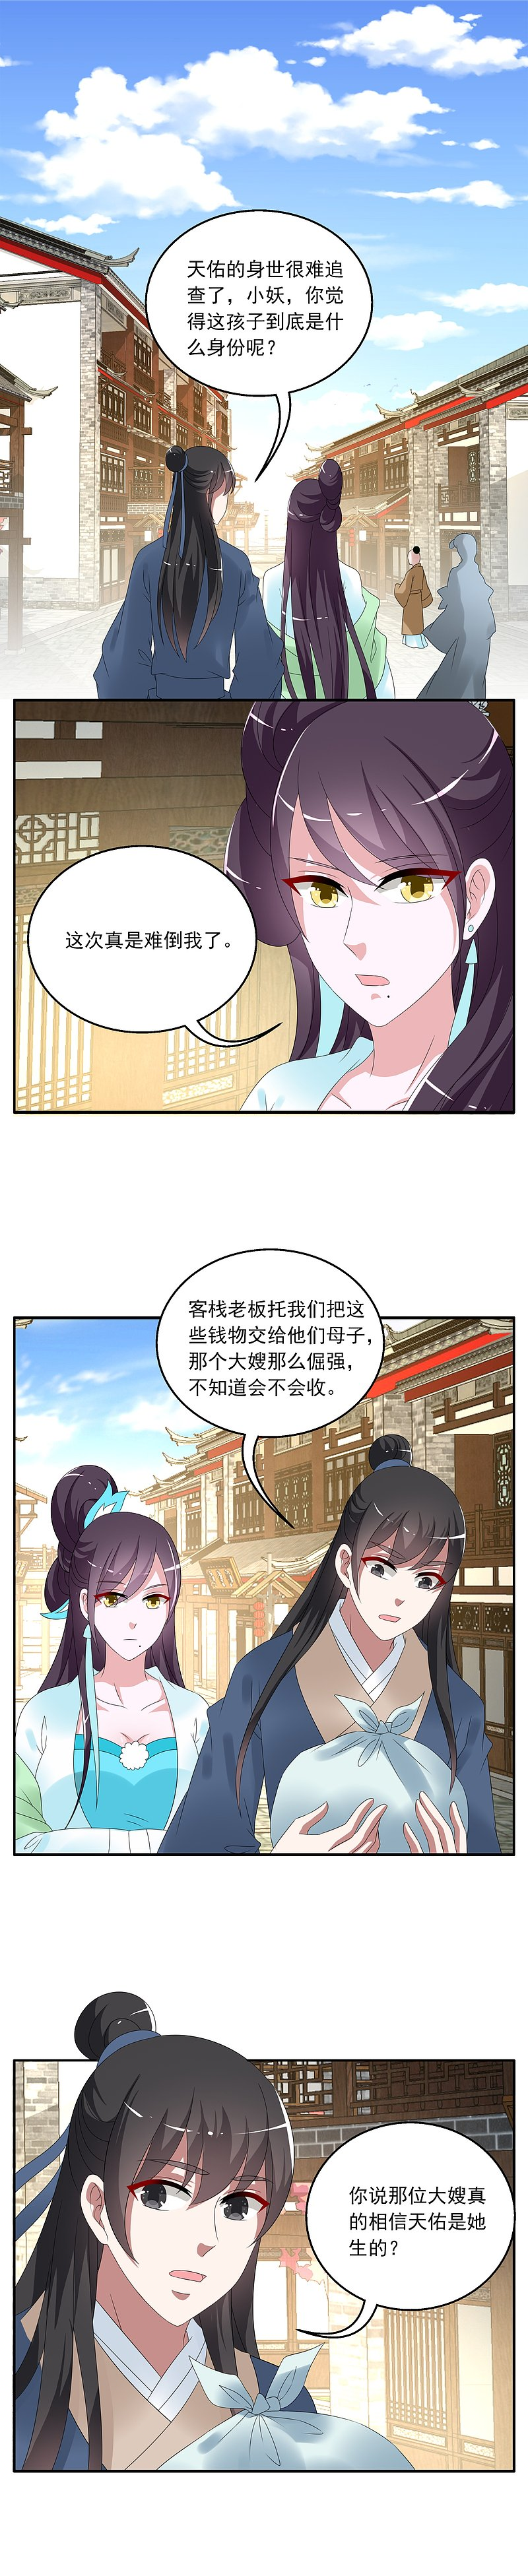 洛小妖149 (2).JPG